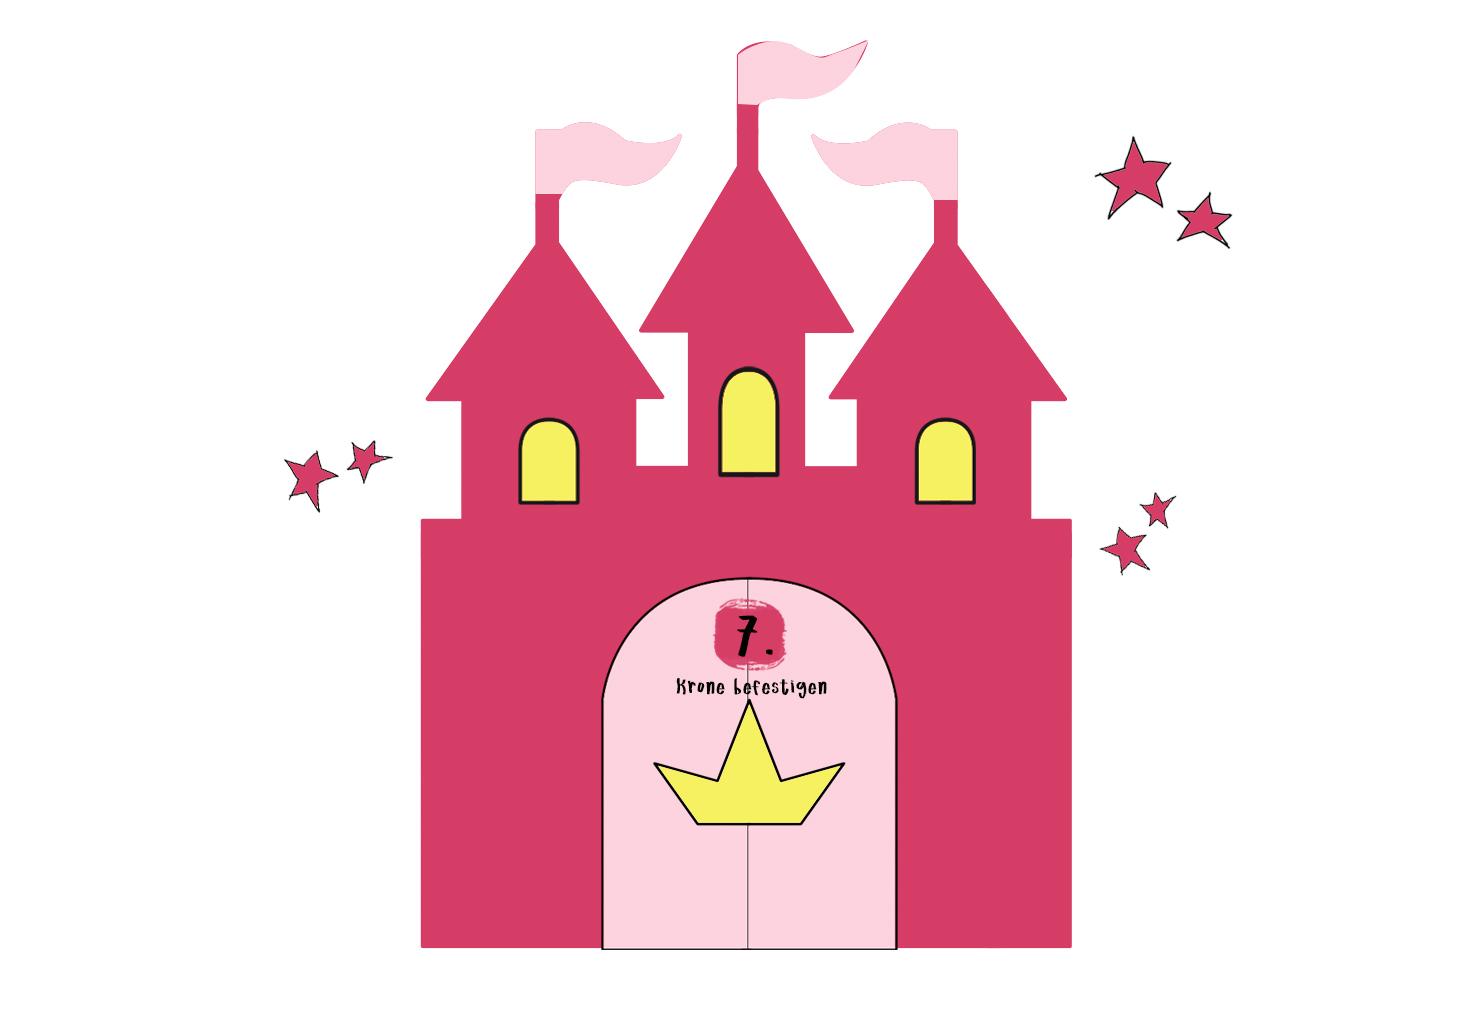 KleineGeschichten-Prinzessinnen-Party-Bastelideen-Spieleideen-Krone-selber-basteln-kostenlose-Vorlage-Kindergeburstag-Mottoparty-Printessinnen-Geburstag-Bastelanleitung-Krone-Prinzessin07